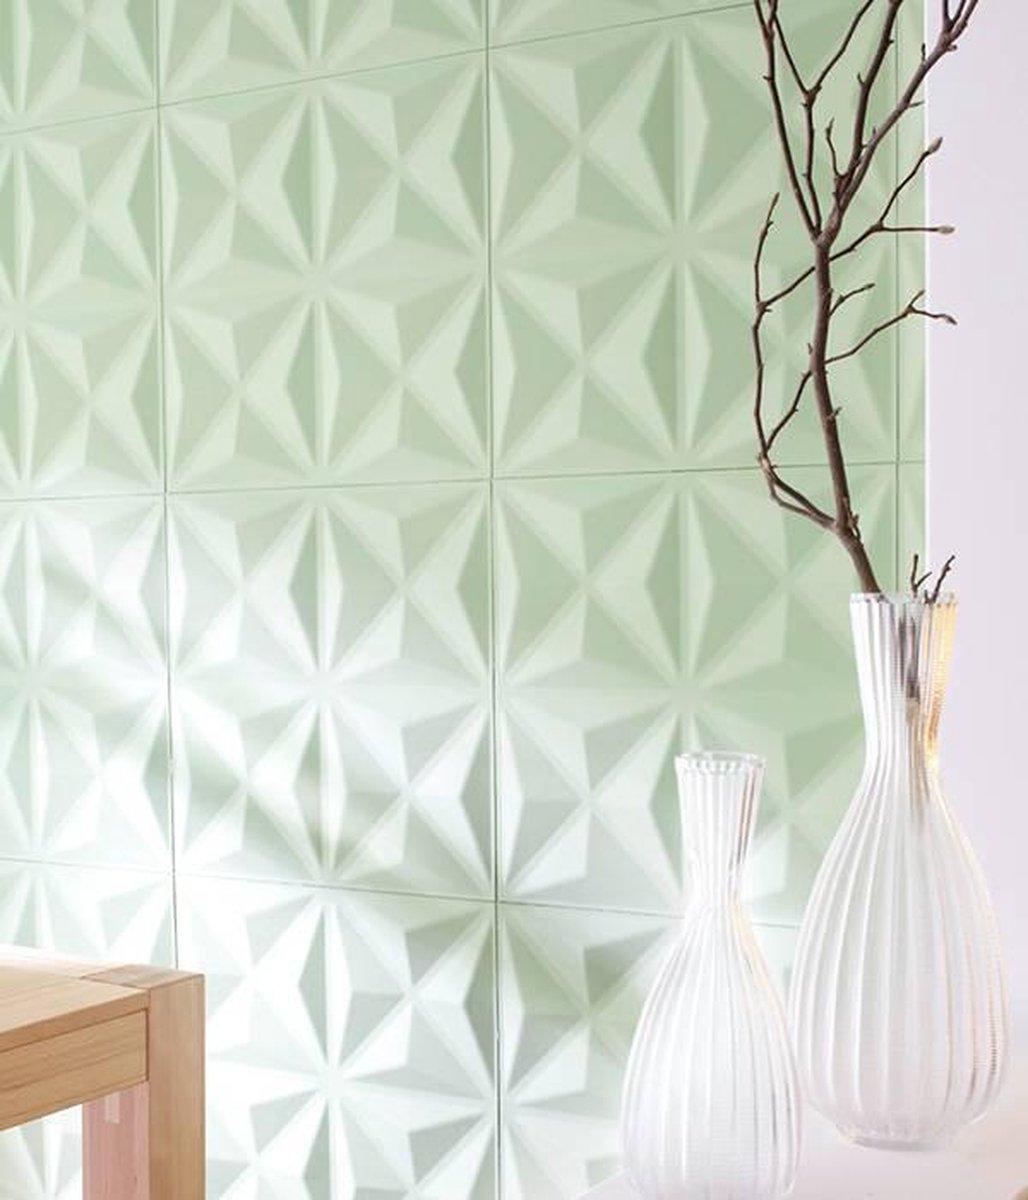 3D decoratieve recylcede wandpanelen model Lasse - Rebel of Styles